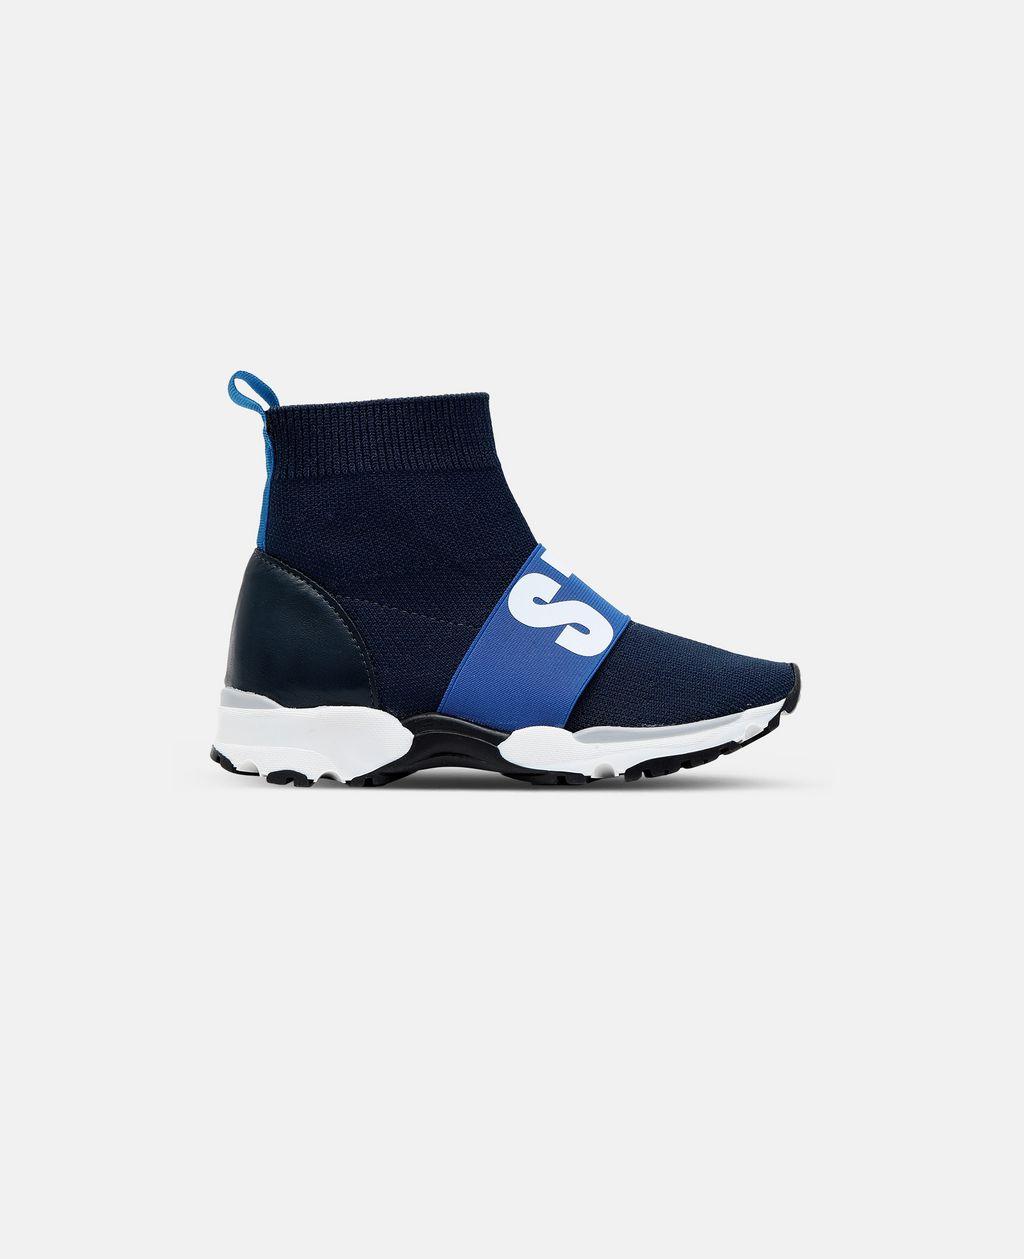 Stella McCartney - Blue / Navy Sock Sneaker - 1